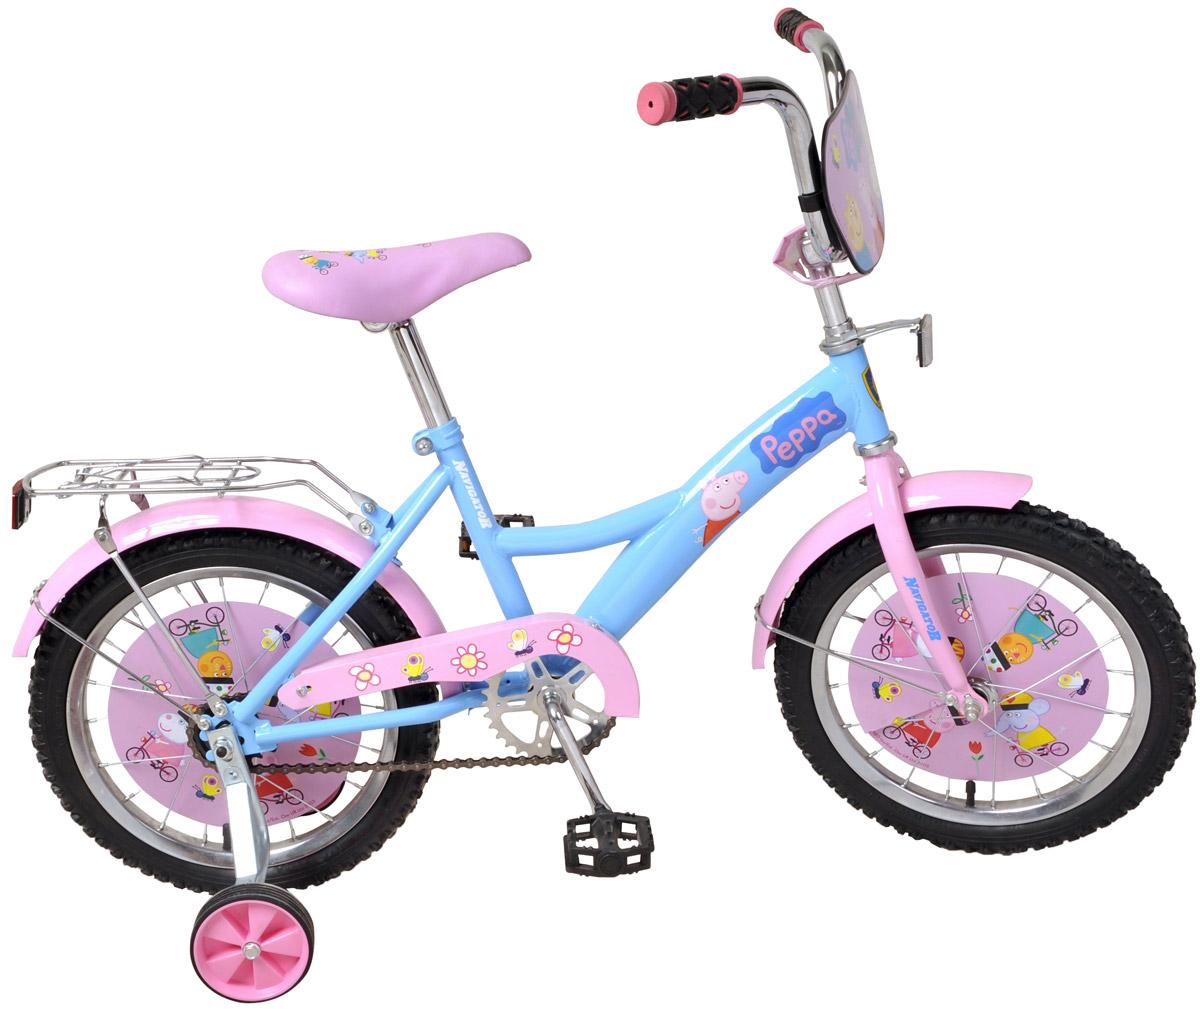 Велосипед детский Navigator Peppa Pig Blue-Pink детский велосипед для девочек navigator basic 12 вмз12063 pink violet